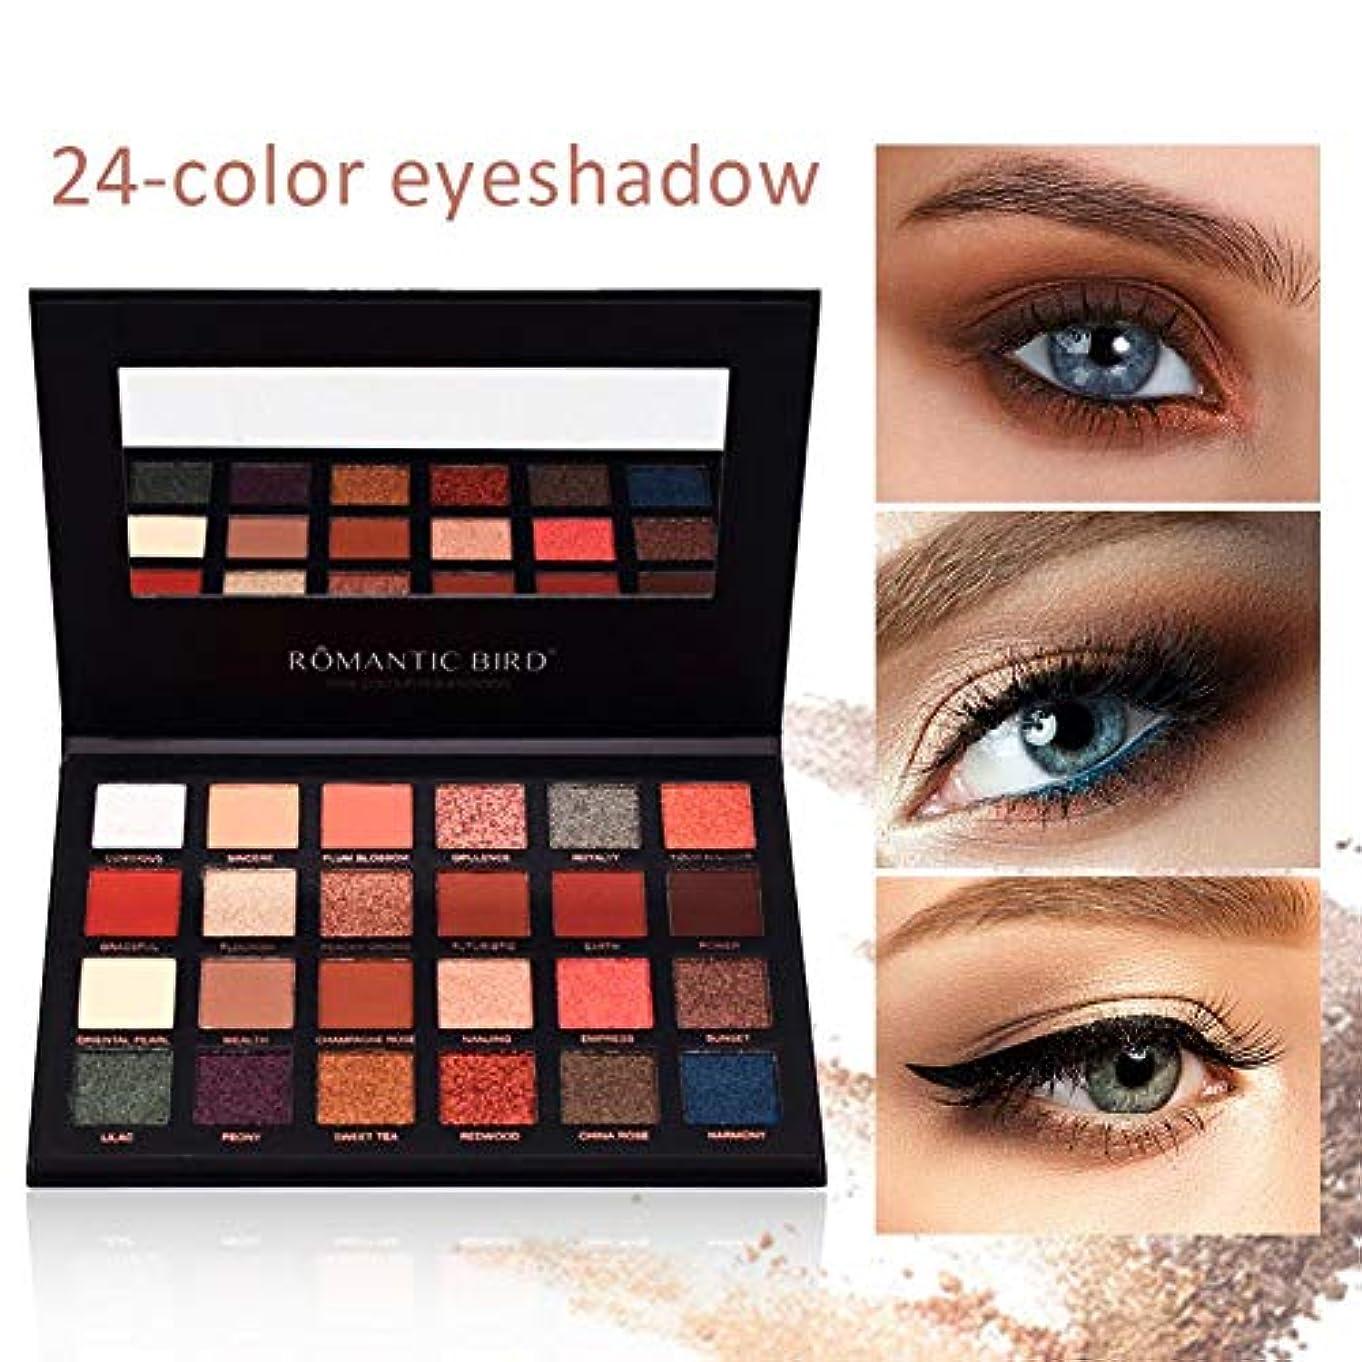 振りかけるバック夢中24色アイシャドウパレット アイシャドウベース Eyeshadow Palette マットアイシャドウ グリッター アイシャドウ防水化粧キット